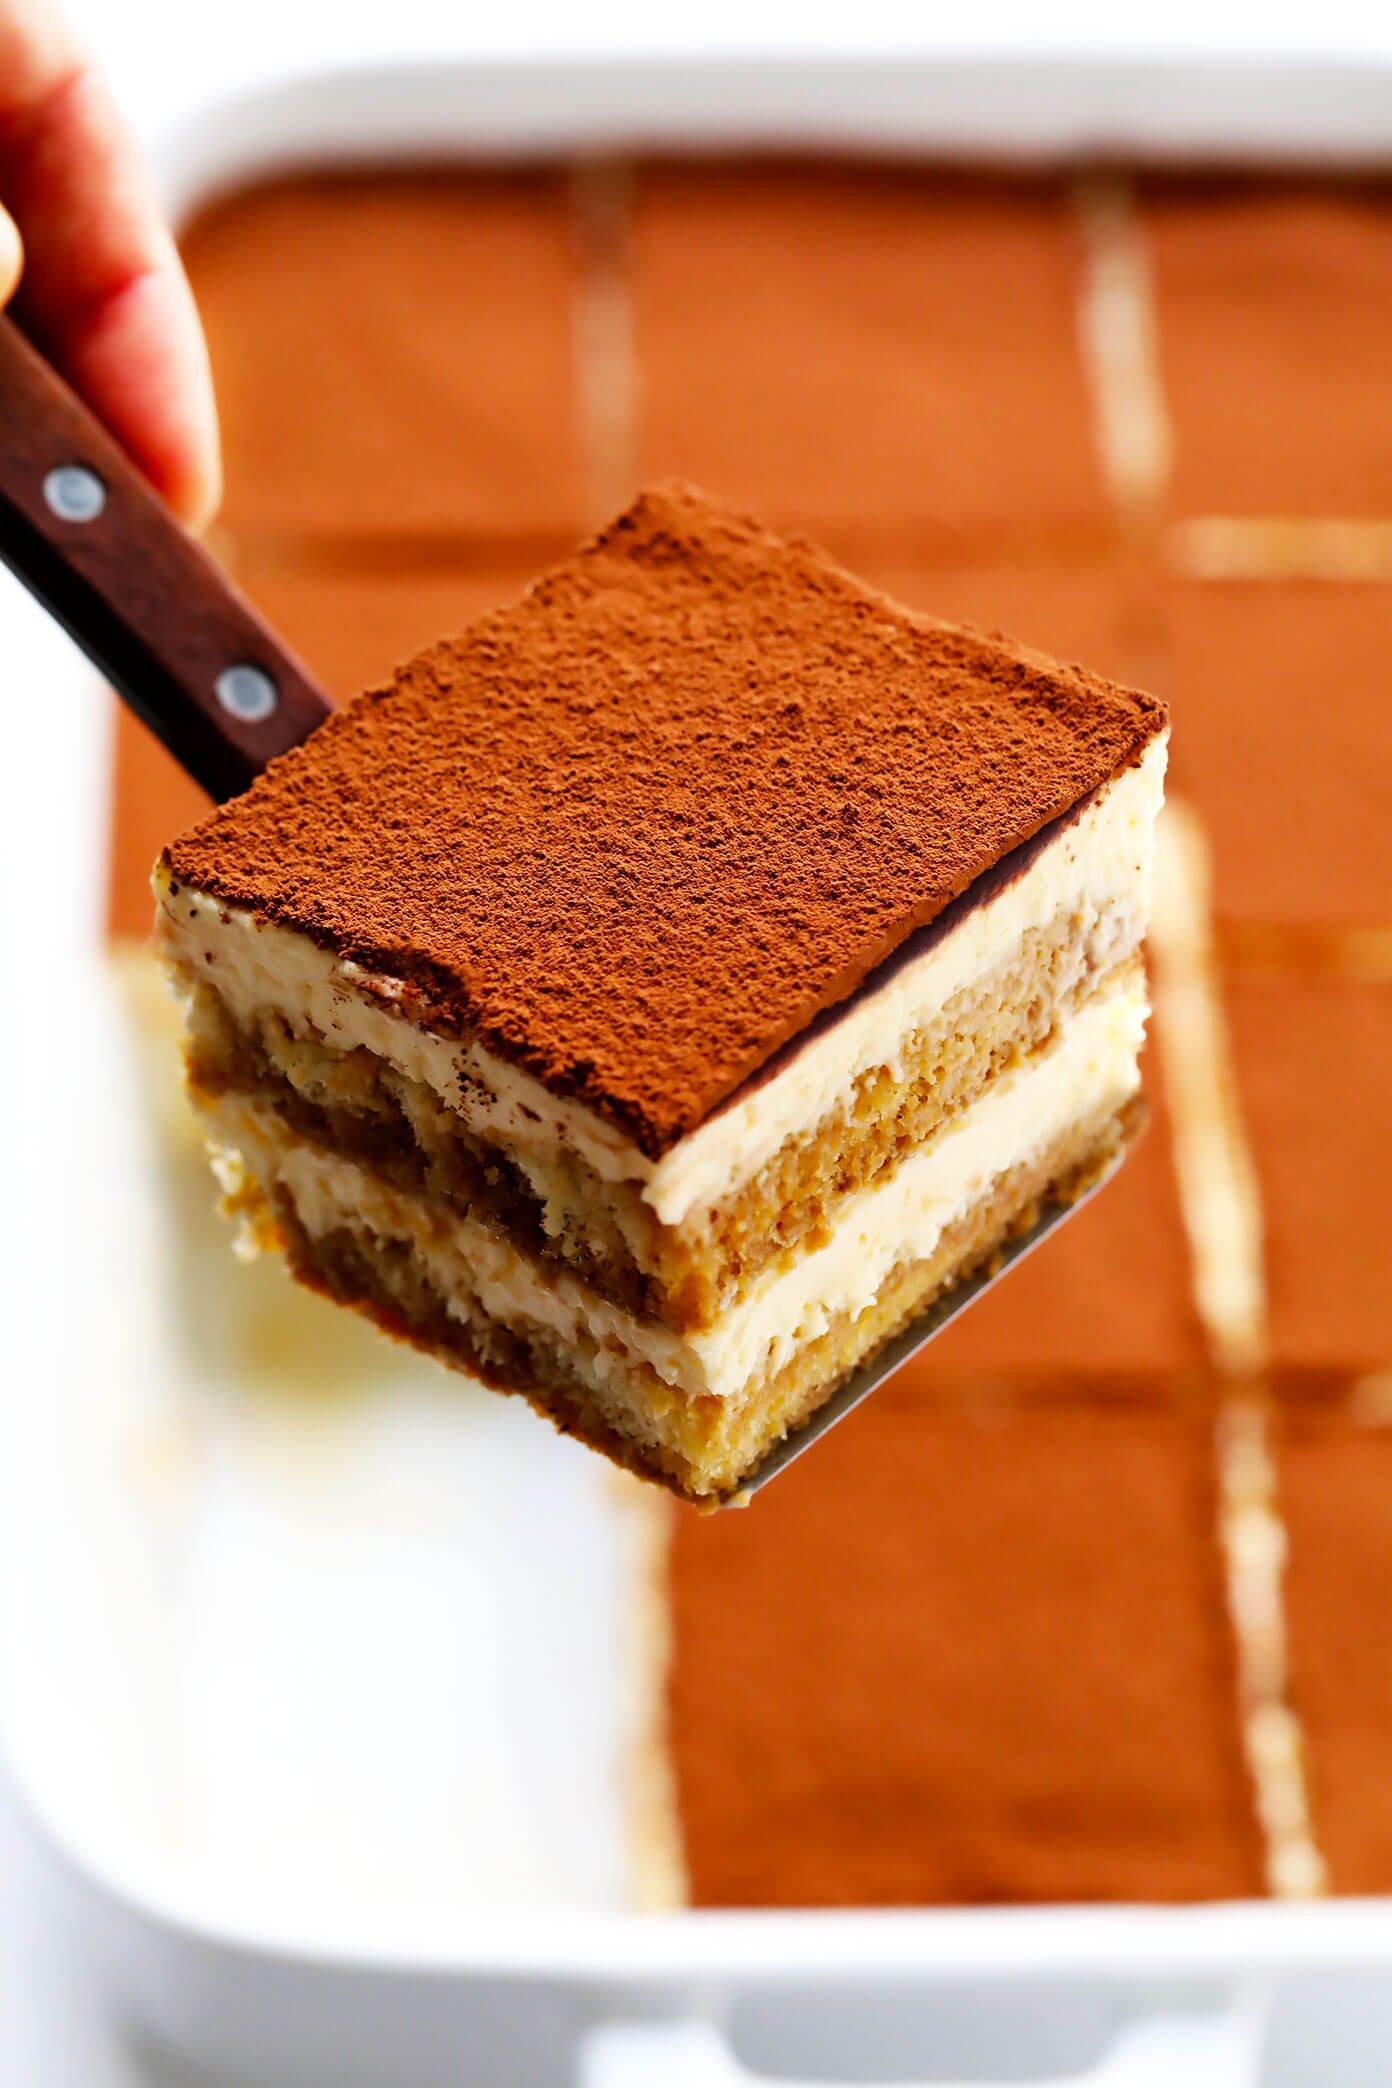 Slice of tiramisu